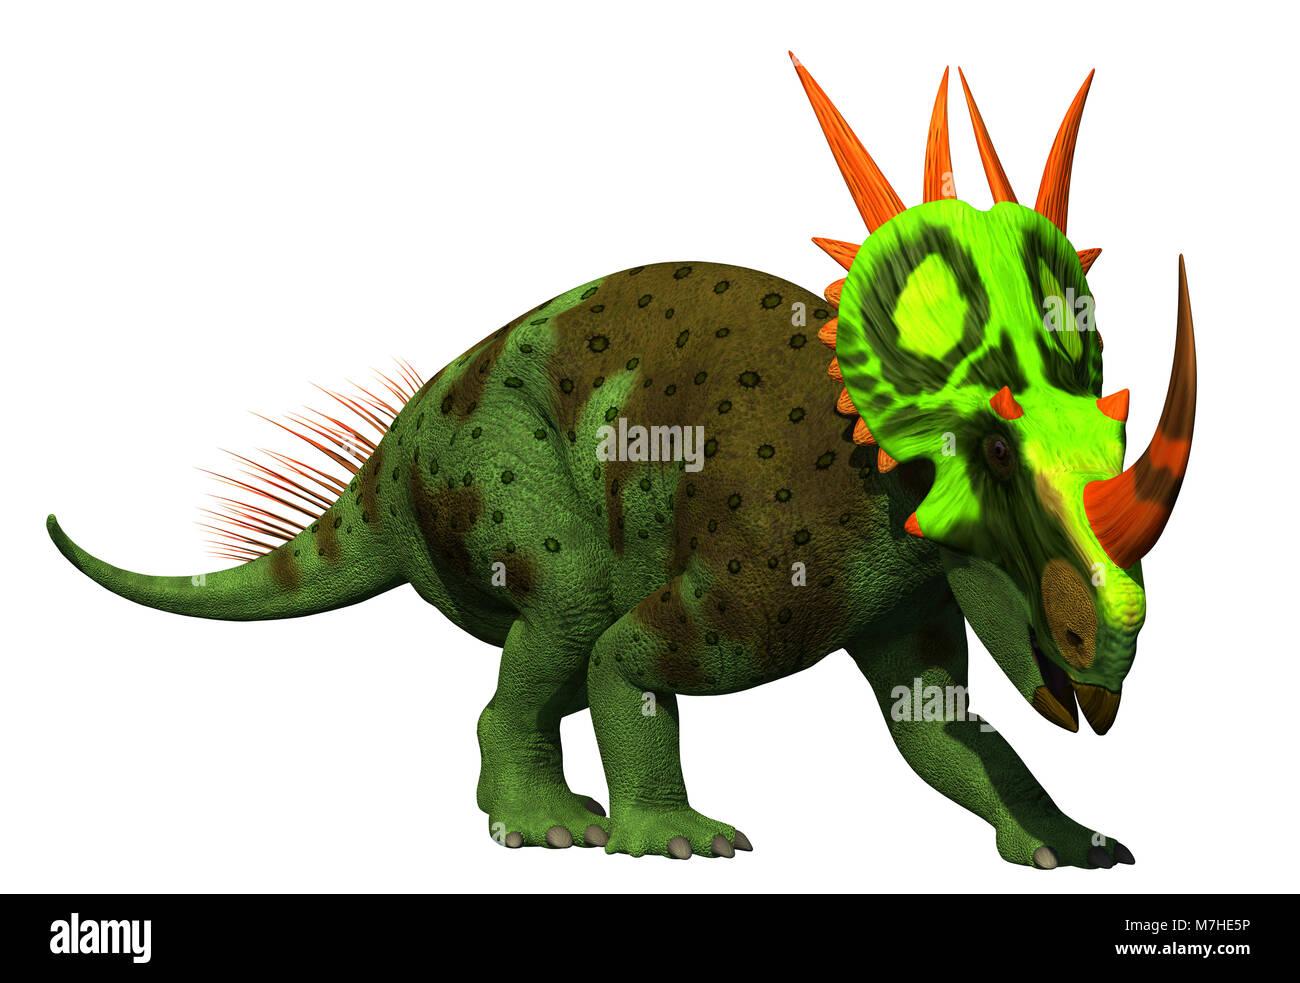 Rubeosaurus dinosaur on white background. - Stock Image